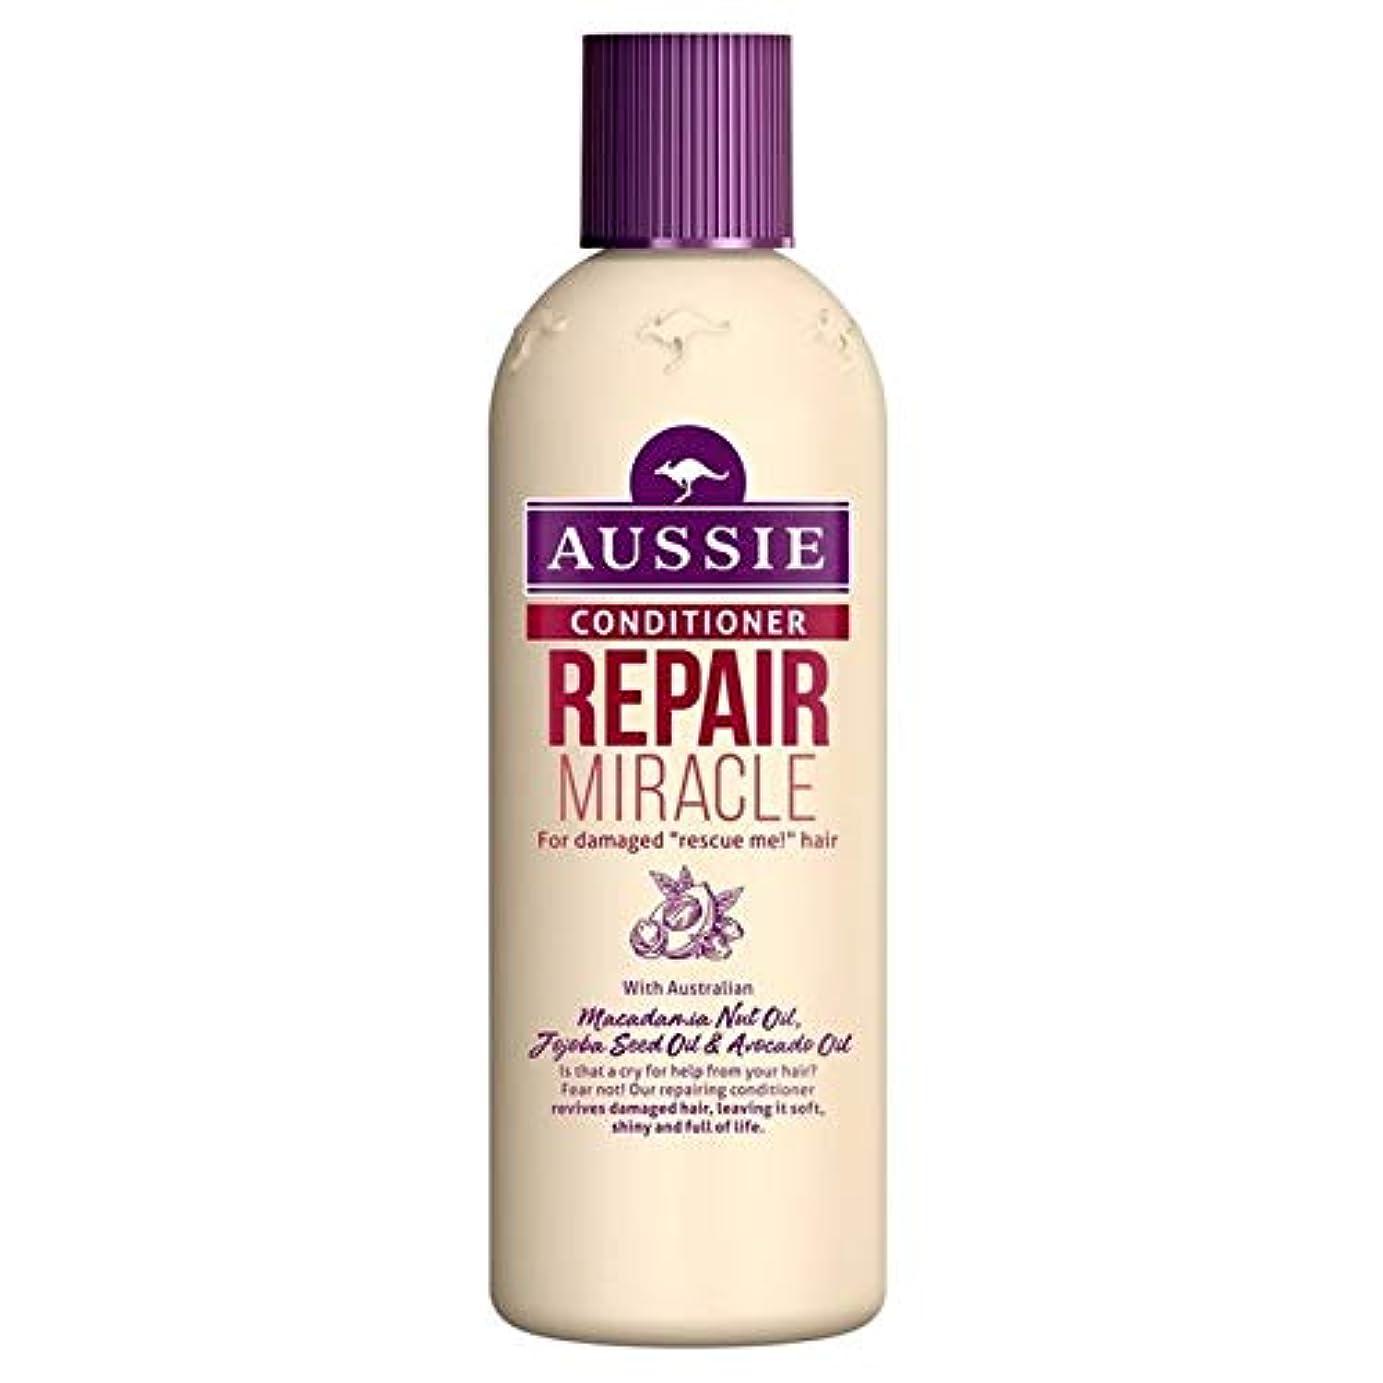 時代遅れ思春期のレギュラー[Aussie ] いたずらな髪の250ミリリットルのすべての種類のオージーエアコンの修理の奇跡 - Aussie Conditioner Repair Miracle for All Kinds of Naughty Hair 250ml [並行輸入品]